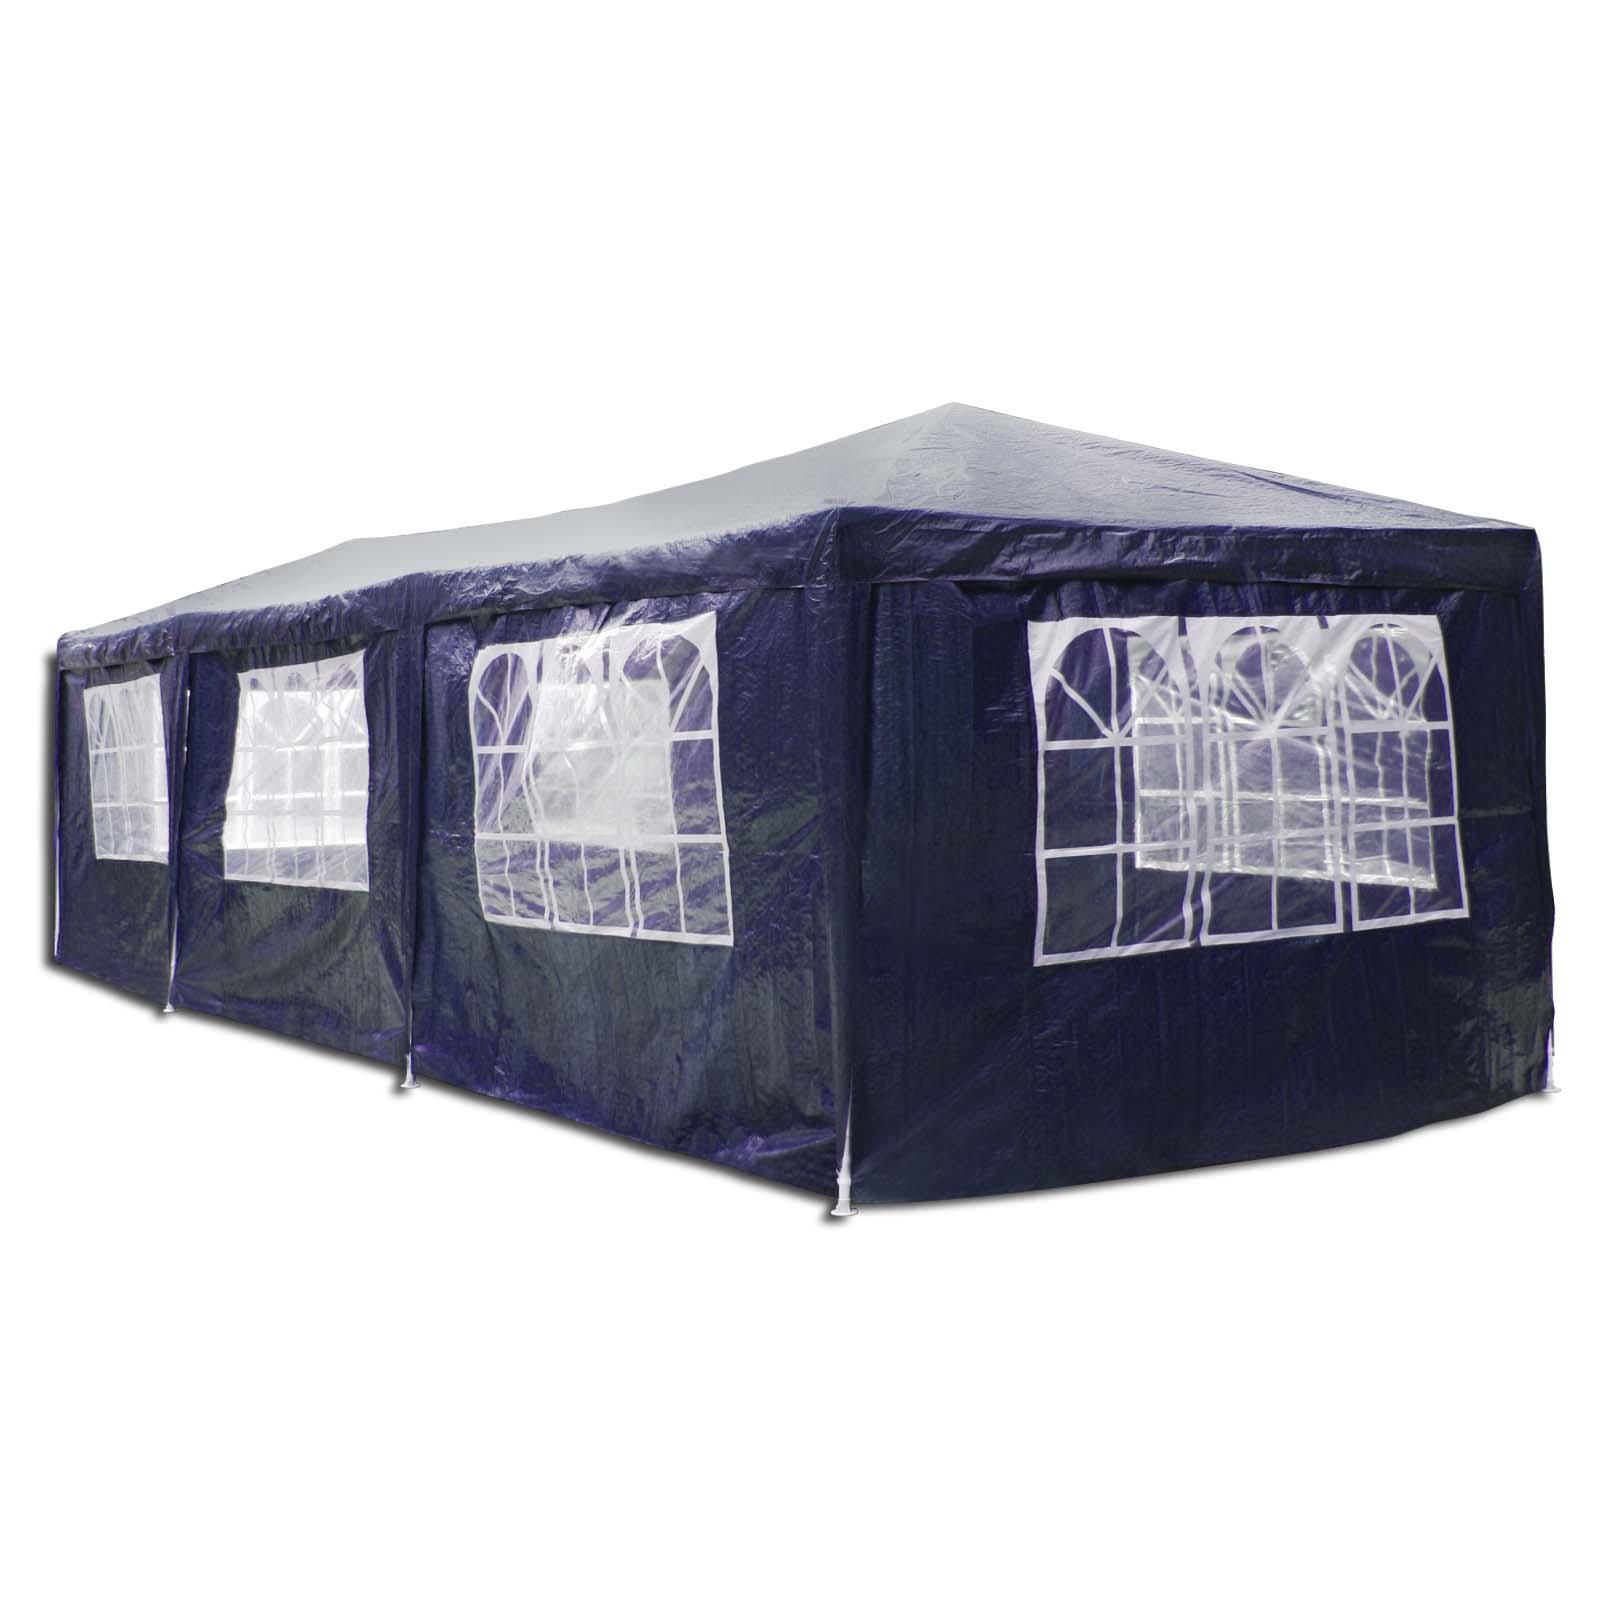 partyzelt 3x9 m komplett mit allen seitenteilen in 3 farben ebay. Black Bedroom Furniture Sets. Home Design Ideas